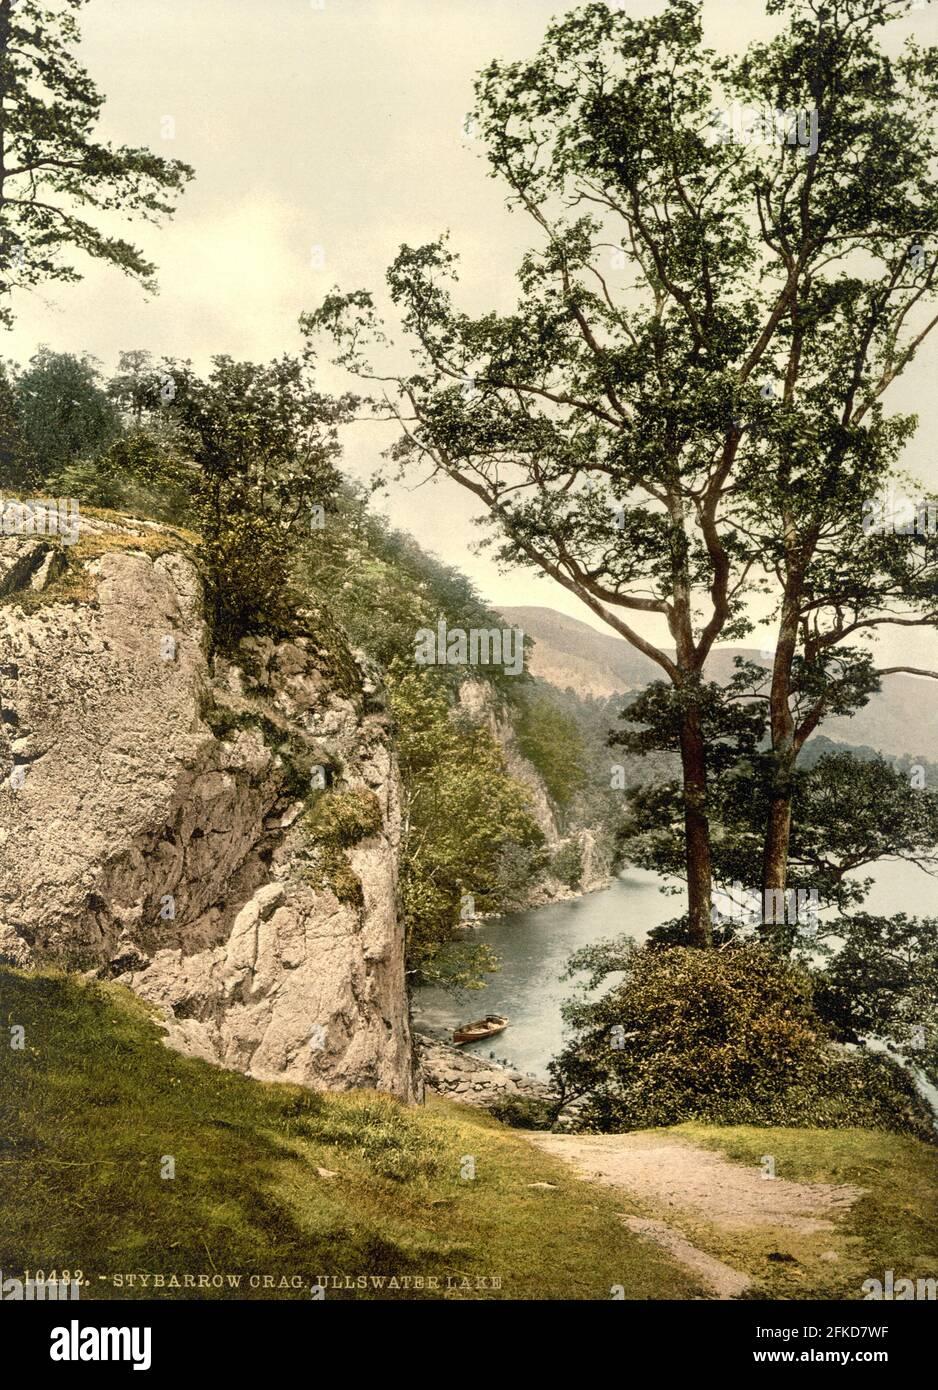 Stybarrow Crag sur Ullswater dans le Lake District, Cumbria vers 1890-1900 Banque D'Images